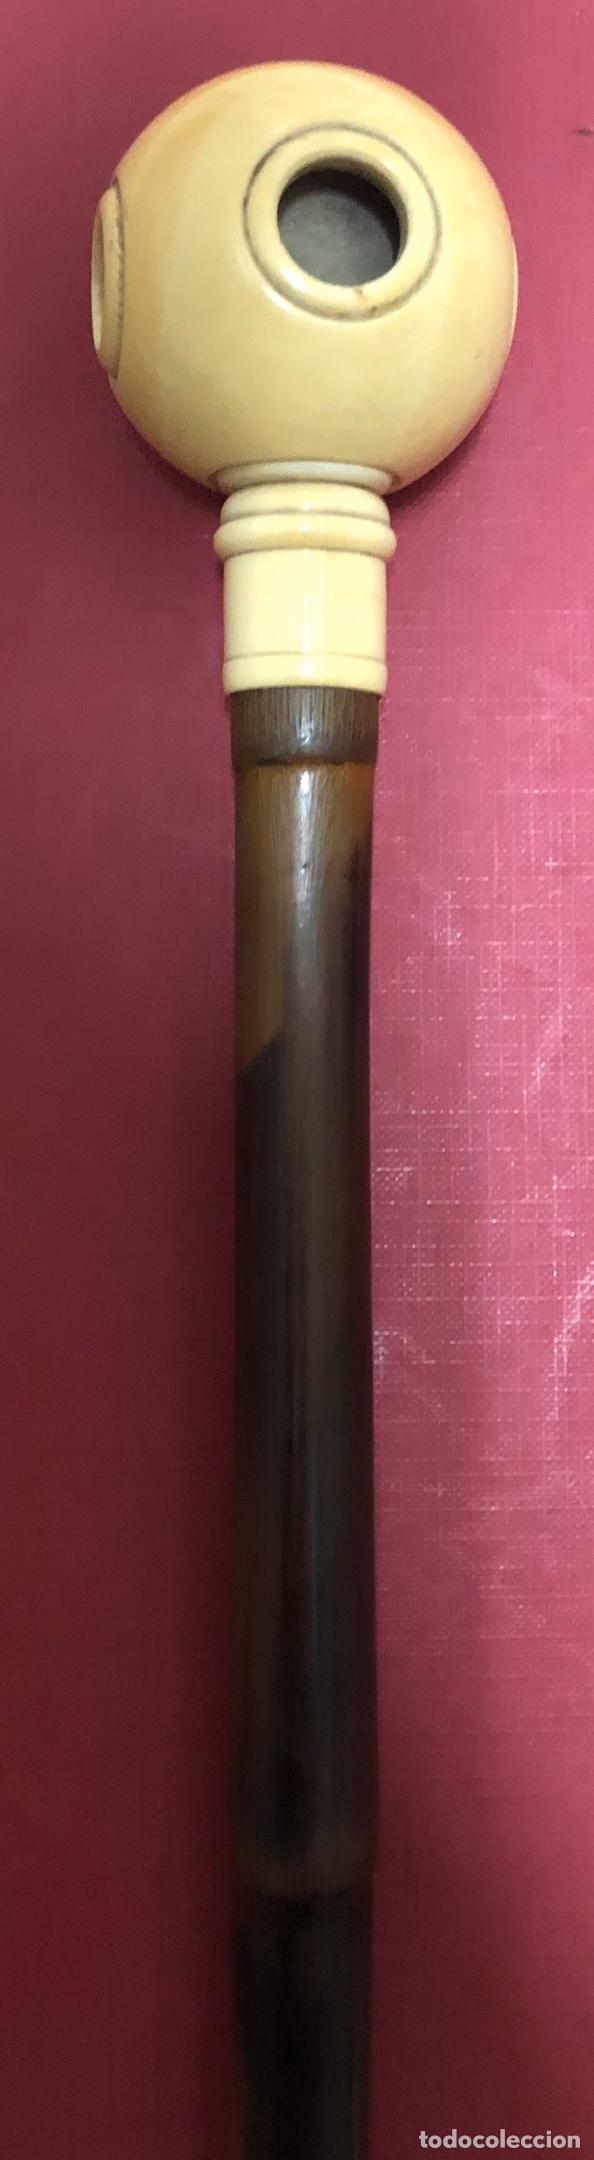 Antigüedades: Fantástico bastón antiguo, de caña, y empuñadura de hueso. - Foto 4 - 191220080